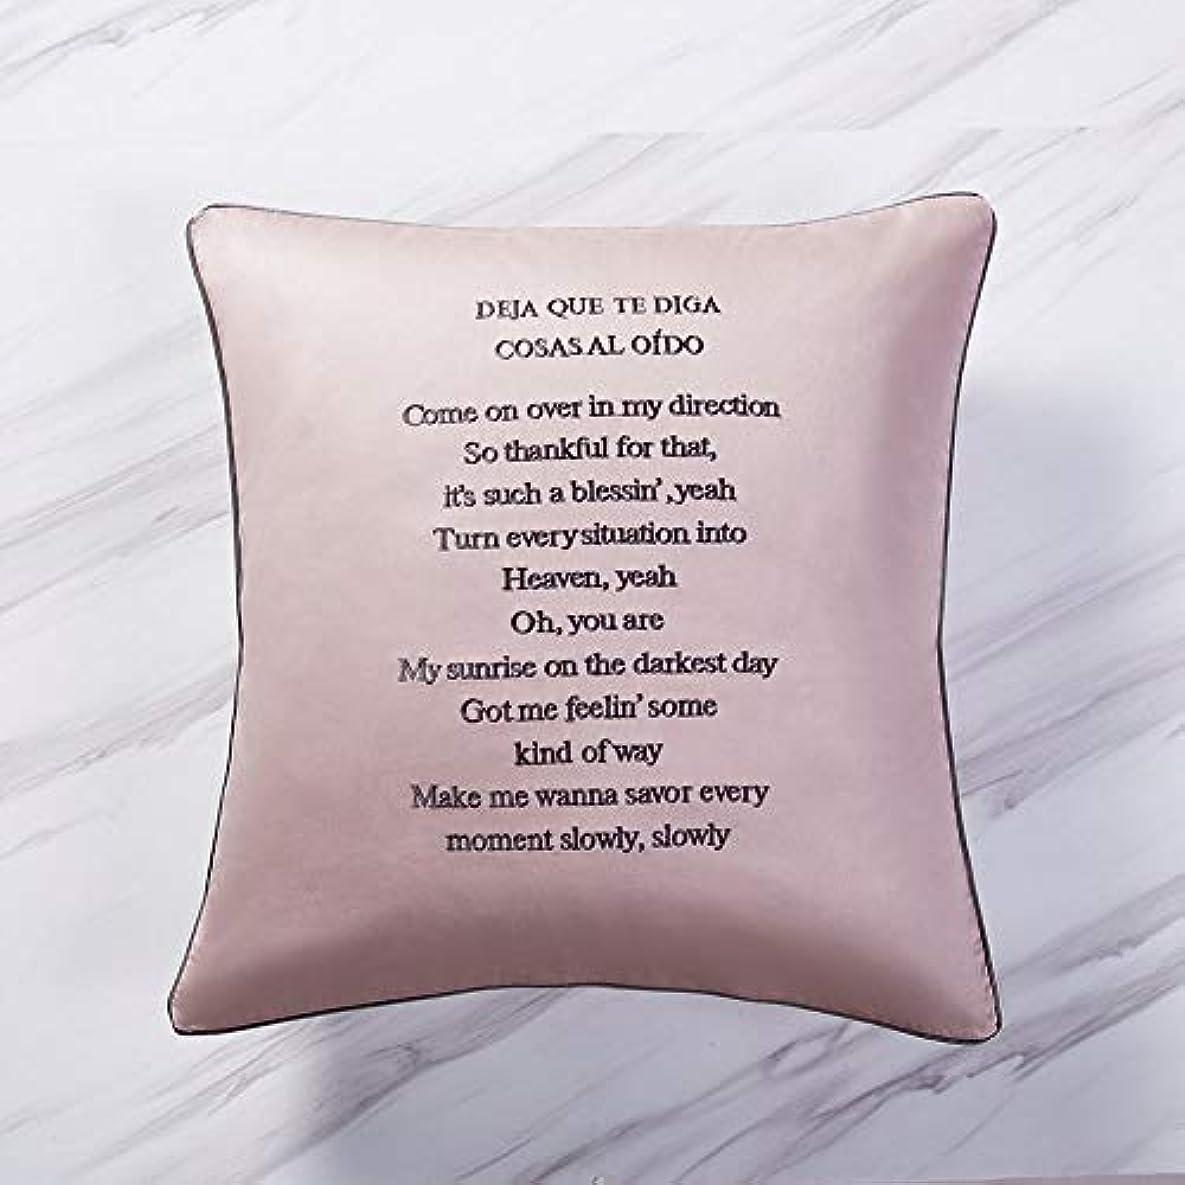 バイオリンアプローチかける枕 ロングステープルコットン刺繍入りレターピローコットンソファーベッドbyウエストクッションピローケース付きコア (色 : Cream powder, Size : 45*45cm)